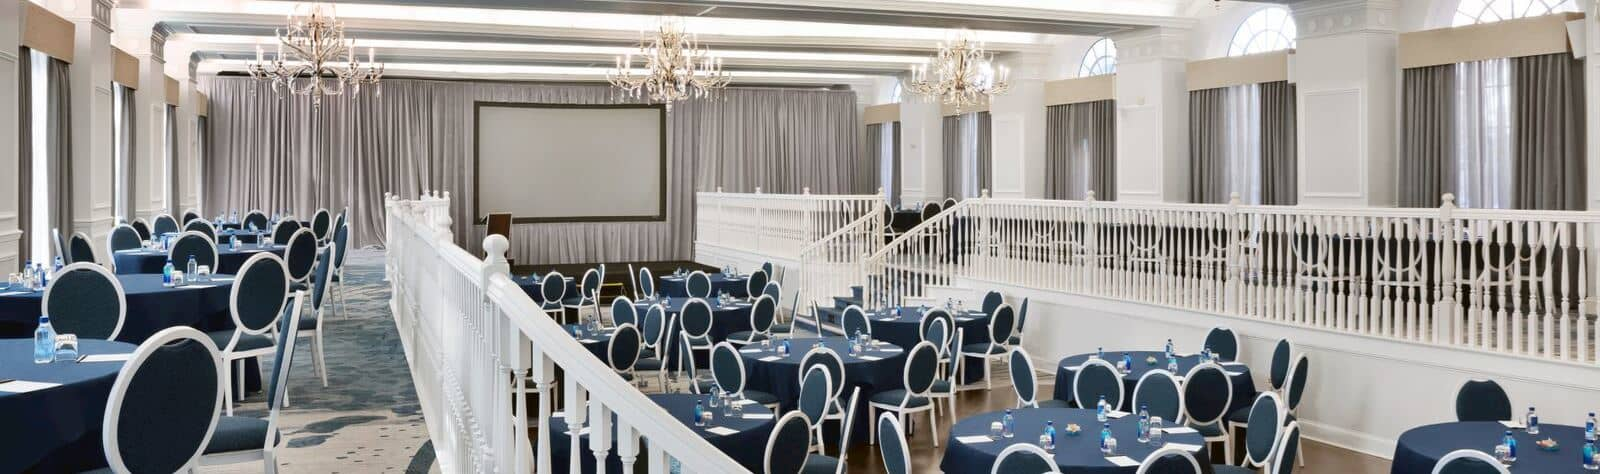 St. Pete Beach Hotel - Meeting Venues